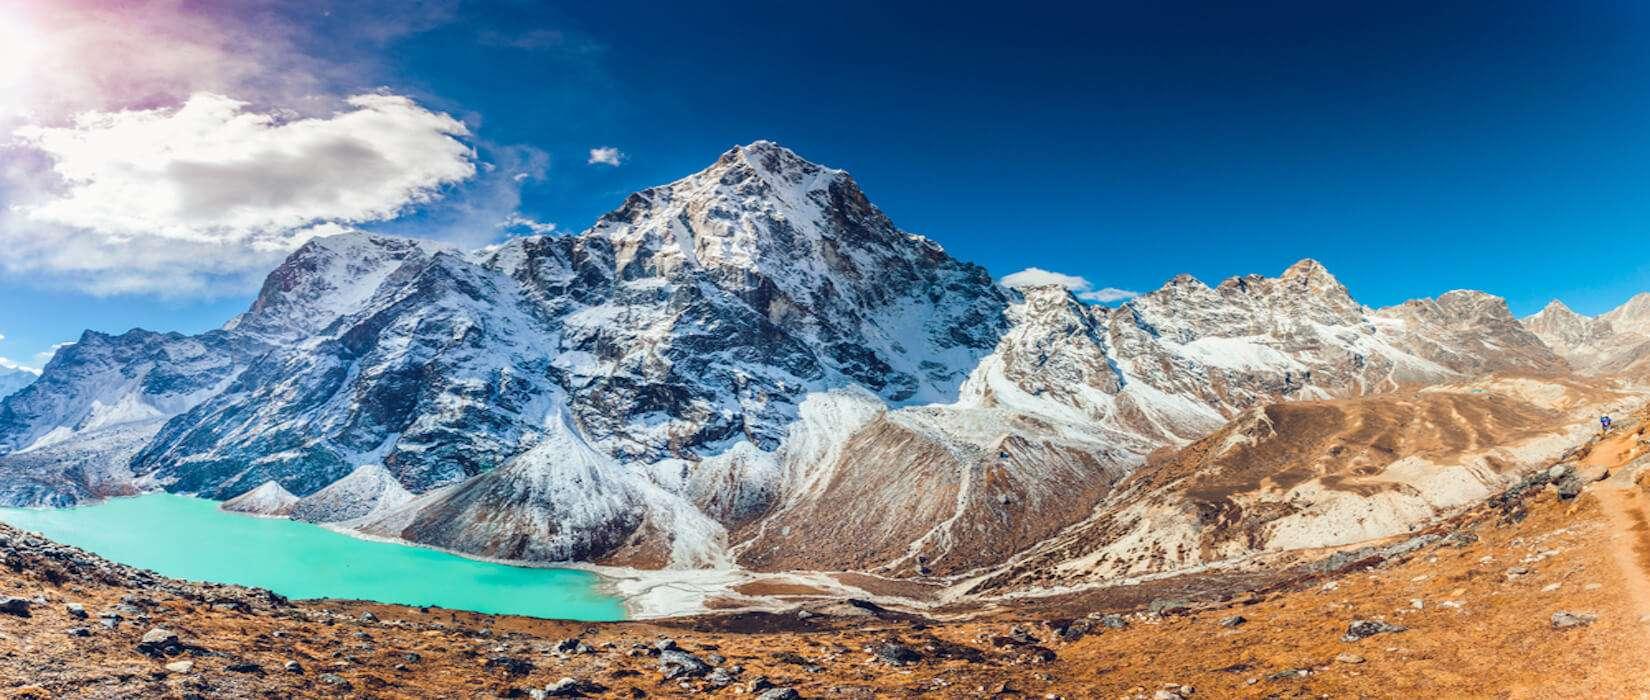 Himalayan High Pass